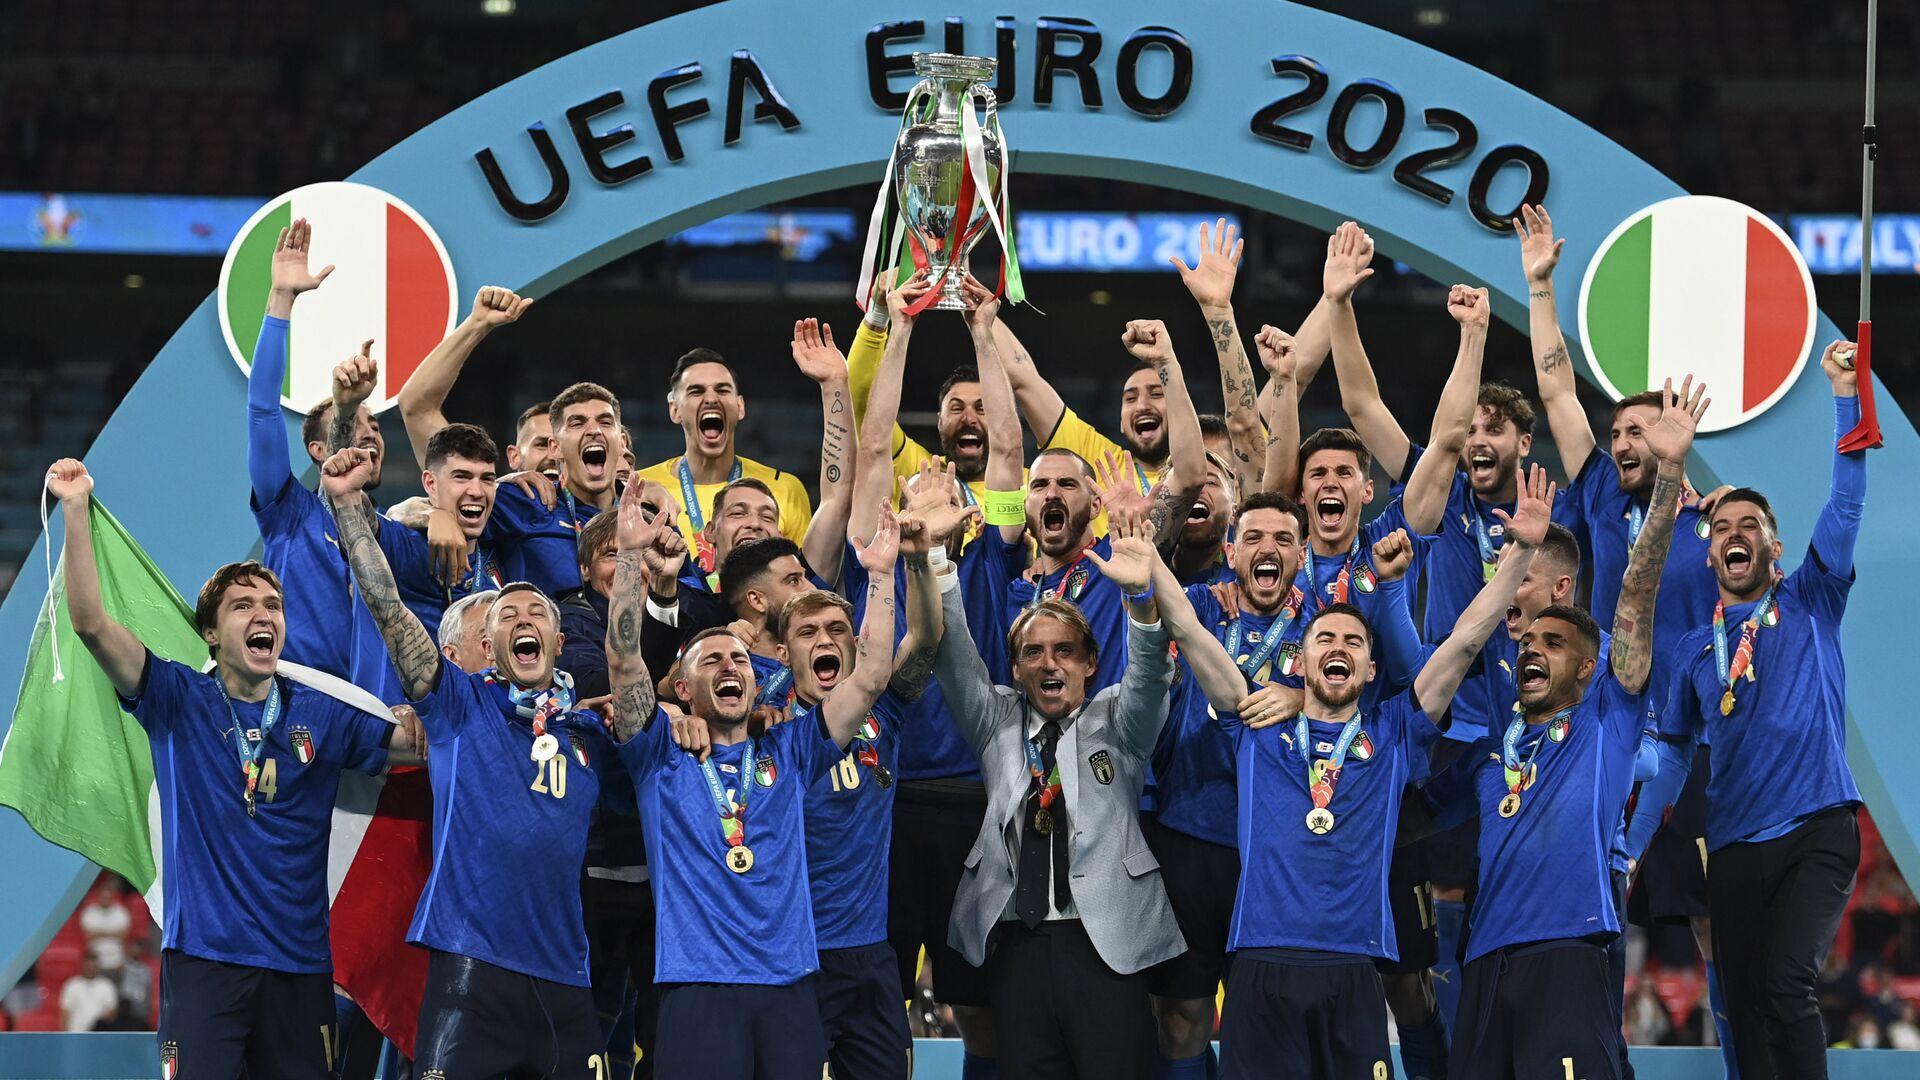 La nazionale italiana festeggia al piedistallo dopo la vittoria nella finale di Euro 2020. - Sputnik Italia, 1920, 12.07.2021